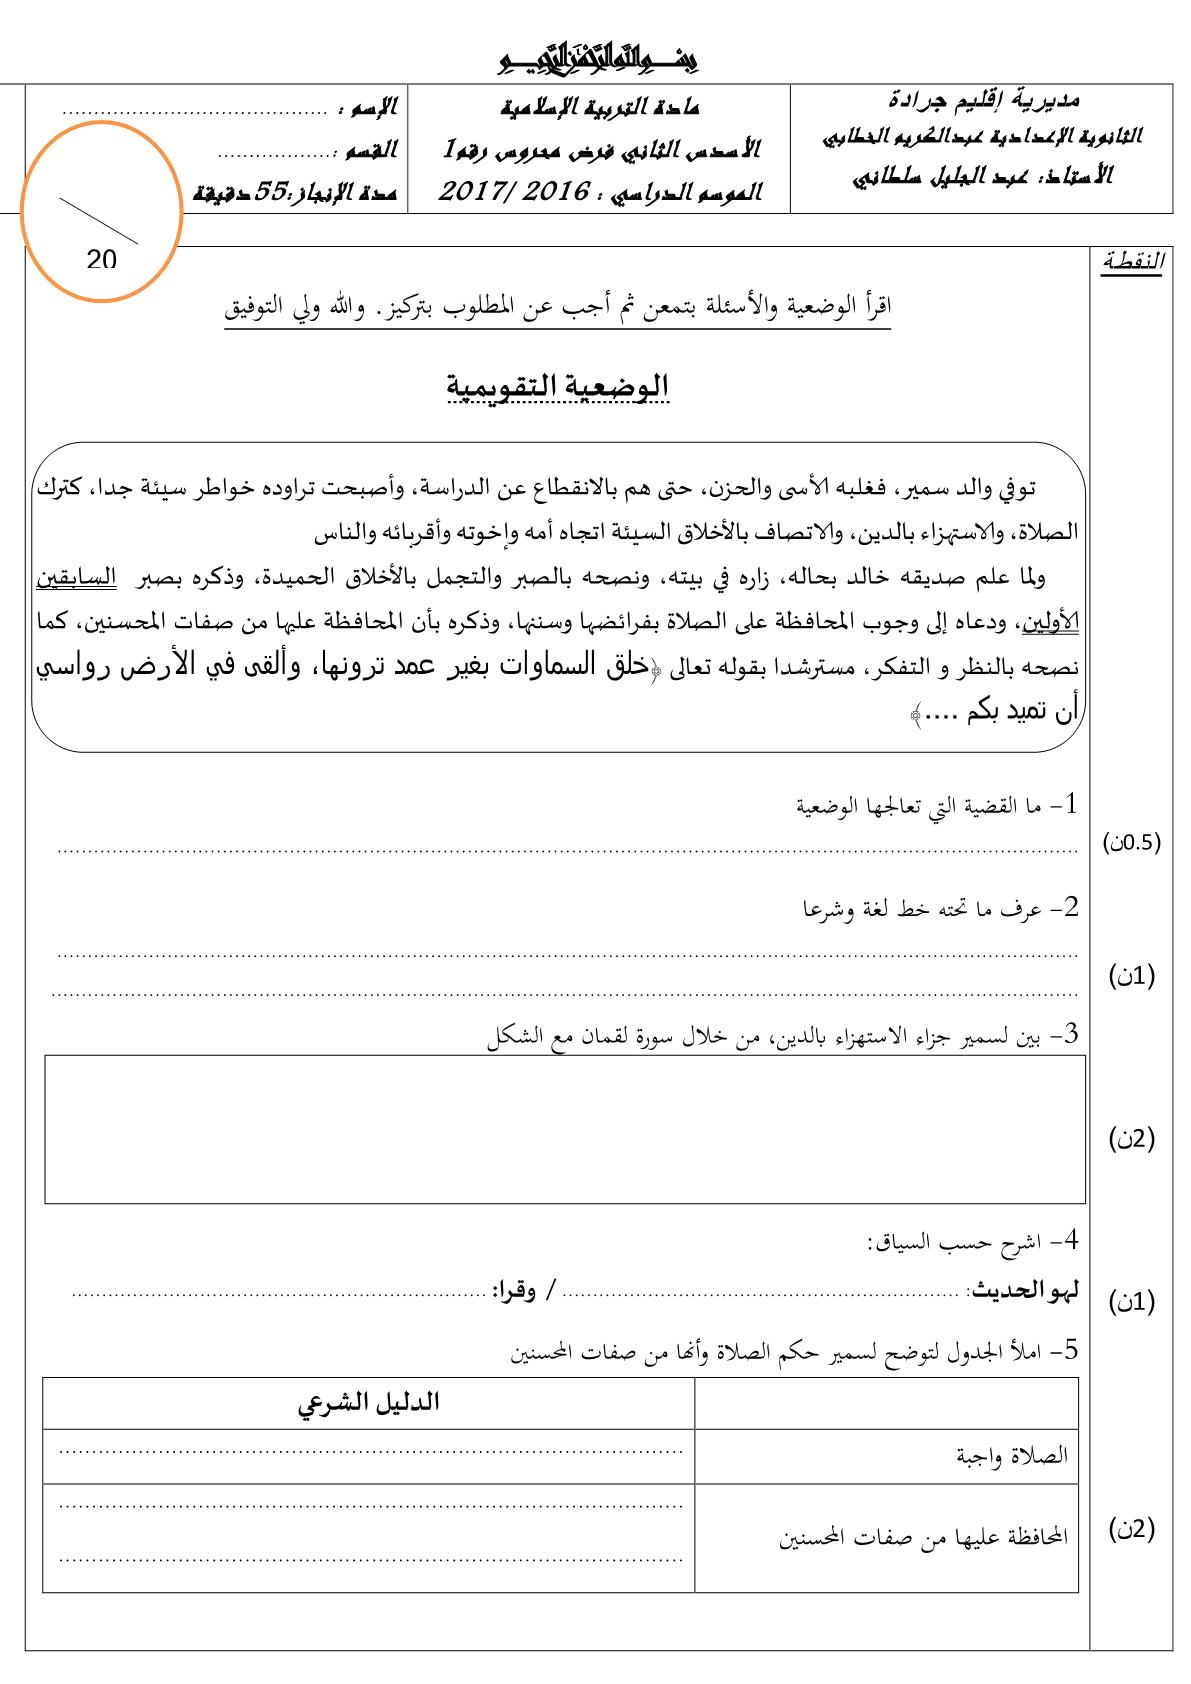 الفرض الرابع في مادة التربية الاسلامية الدورة الثانية اولى اعدادي